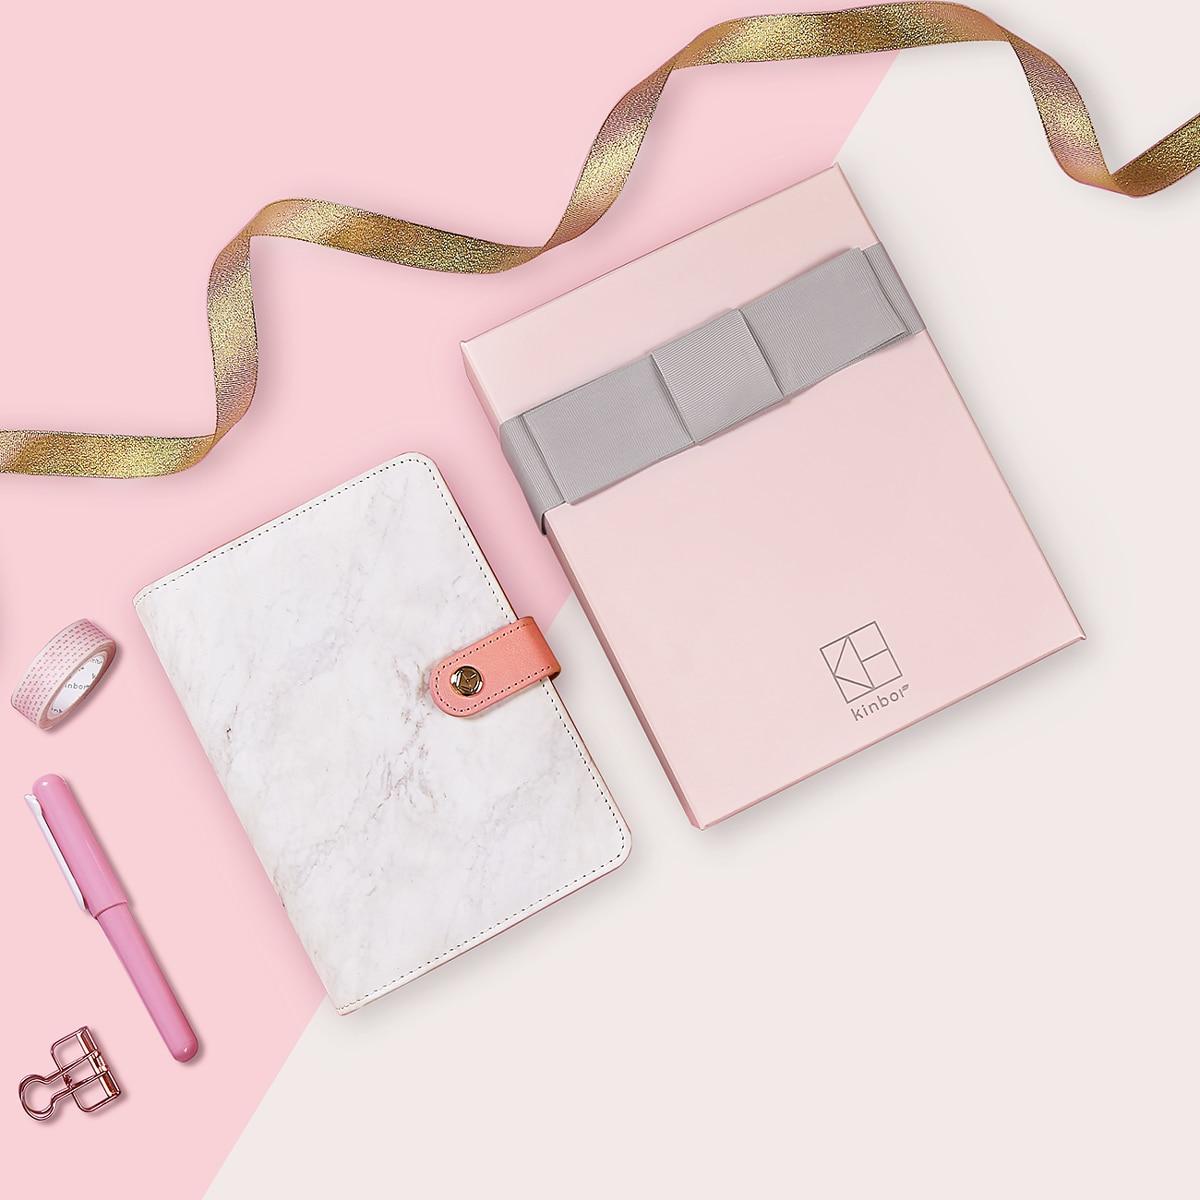 13 accessoires boîte cadeau papeterie ensemble mode cuir Journal organisateur planificateur rechargeable Journal A6 spirale liant Journal